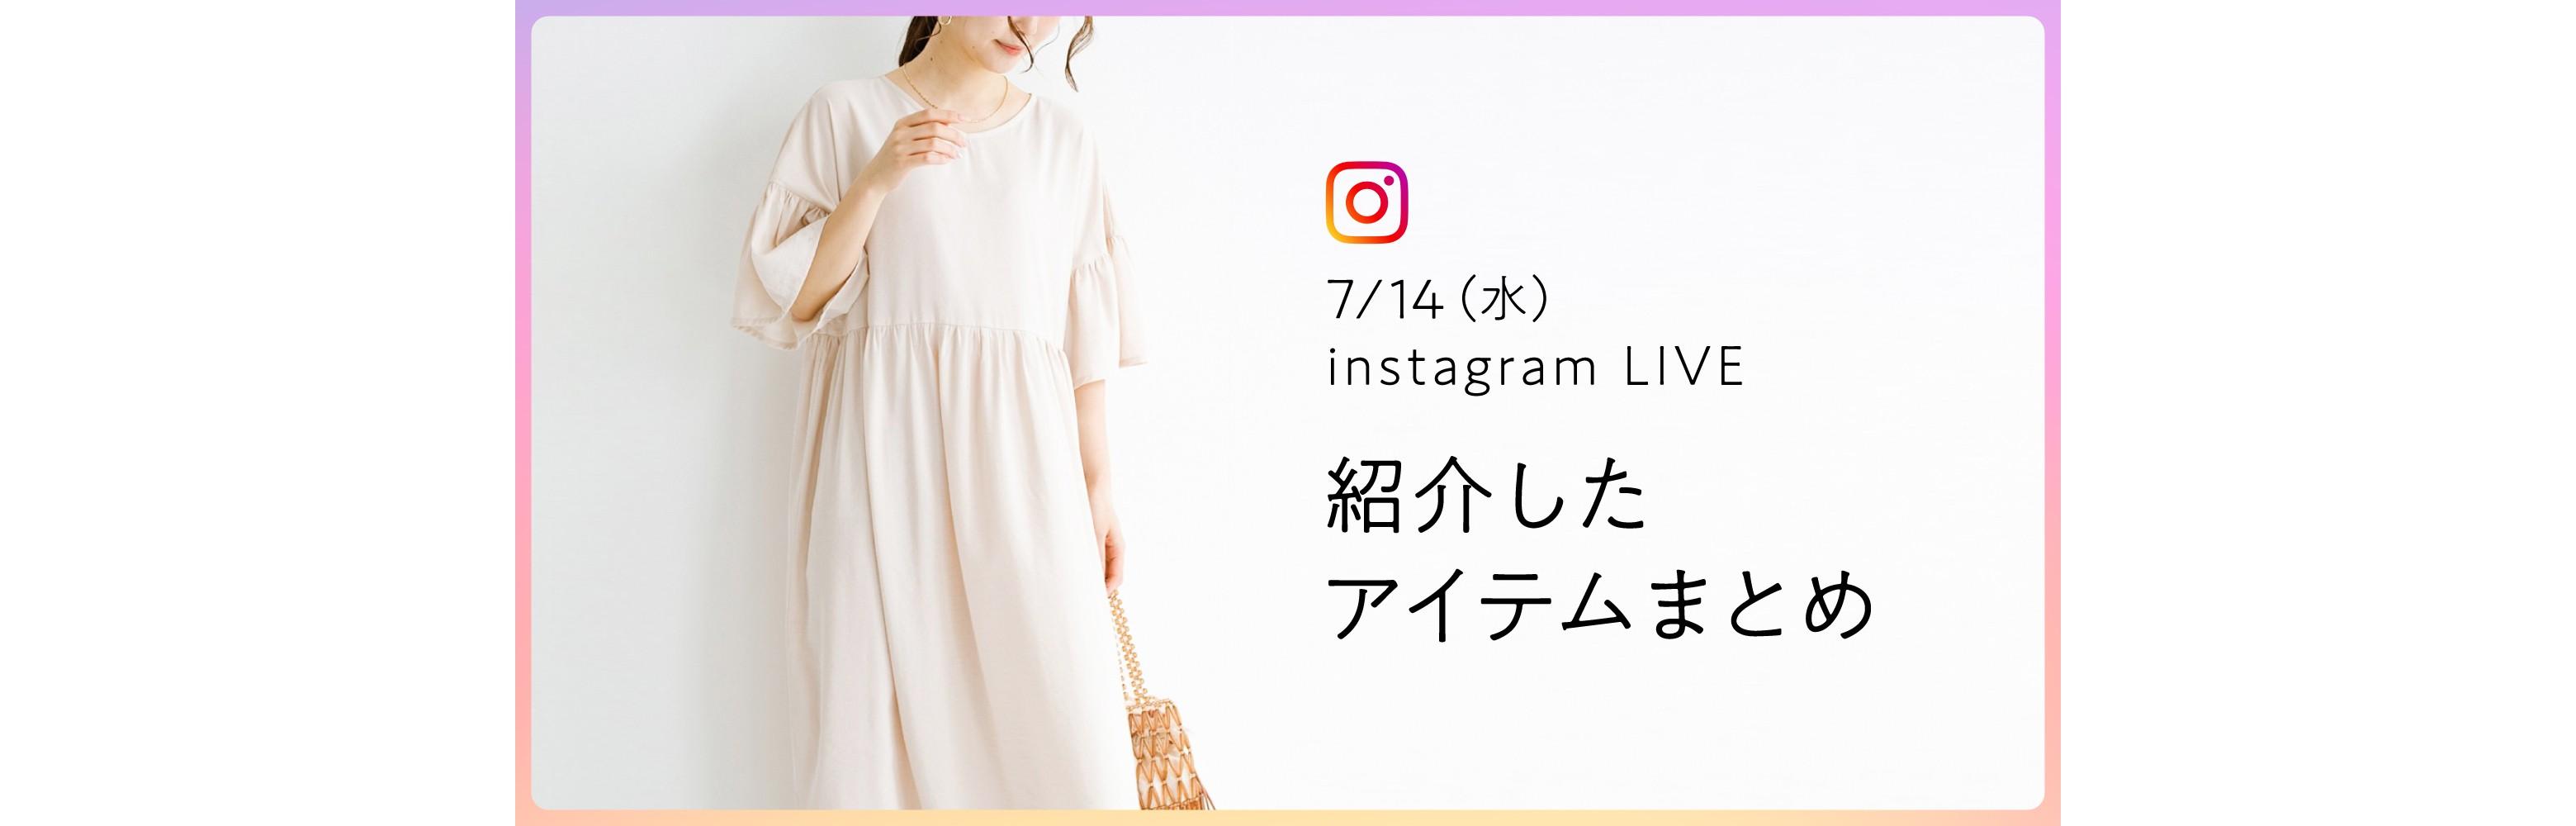 7月14日(水)配信 インスタライブ 「党首セレクトMORESALE!厳選アイテムご紹介♪」